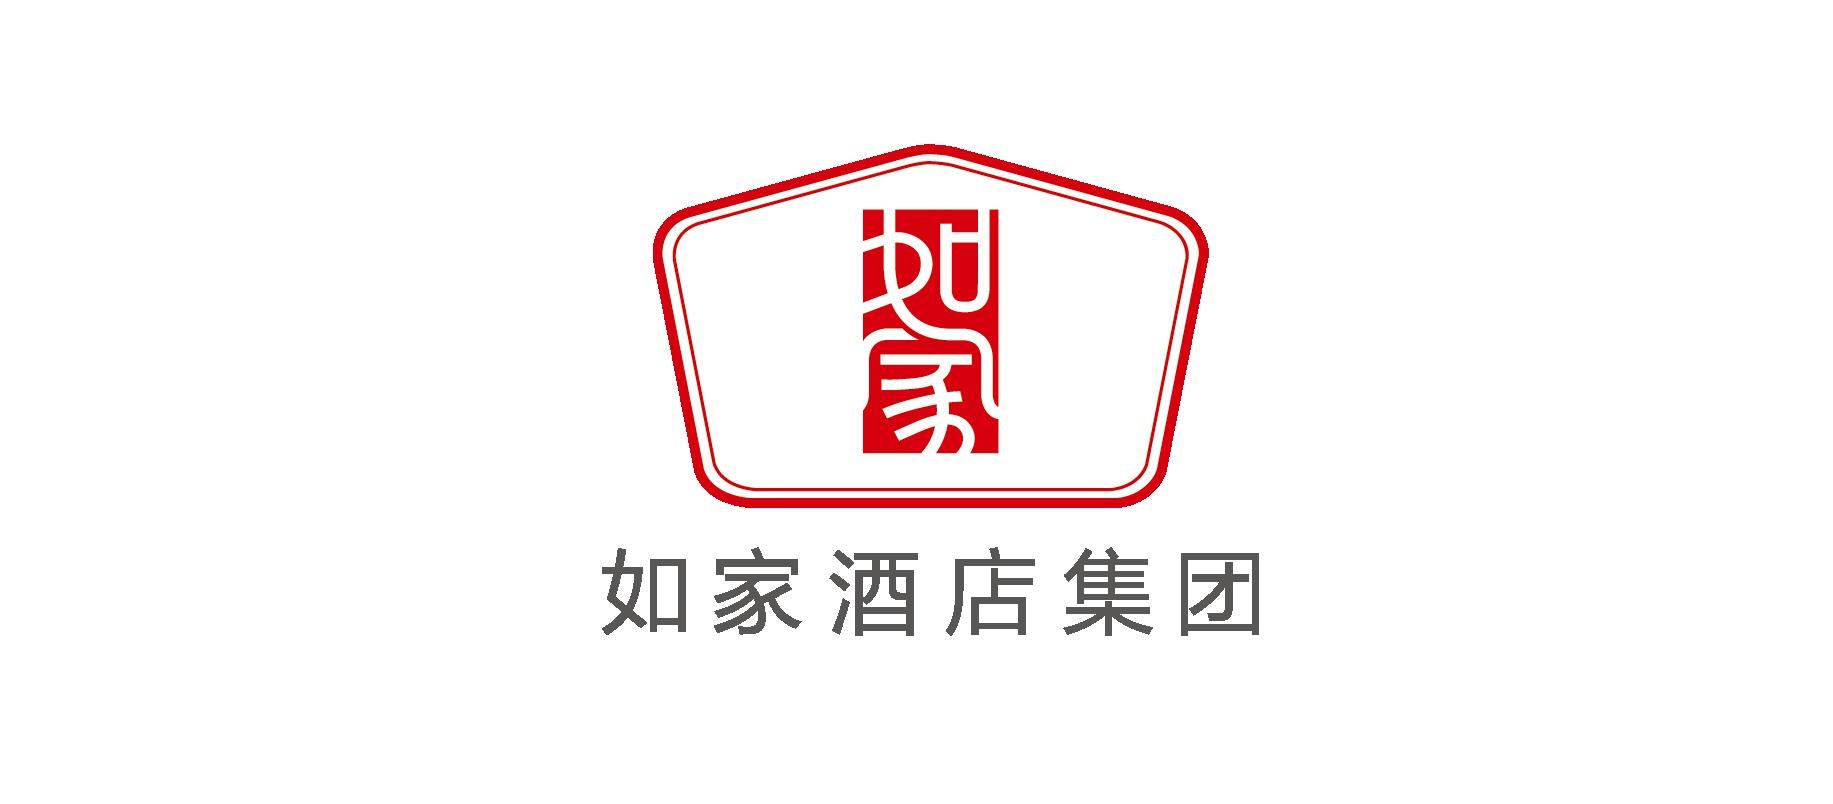 重庆沙坪坝火车站ARC中央广场店商务大床房B